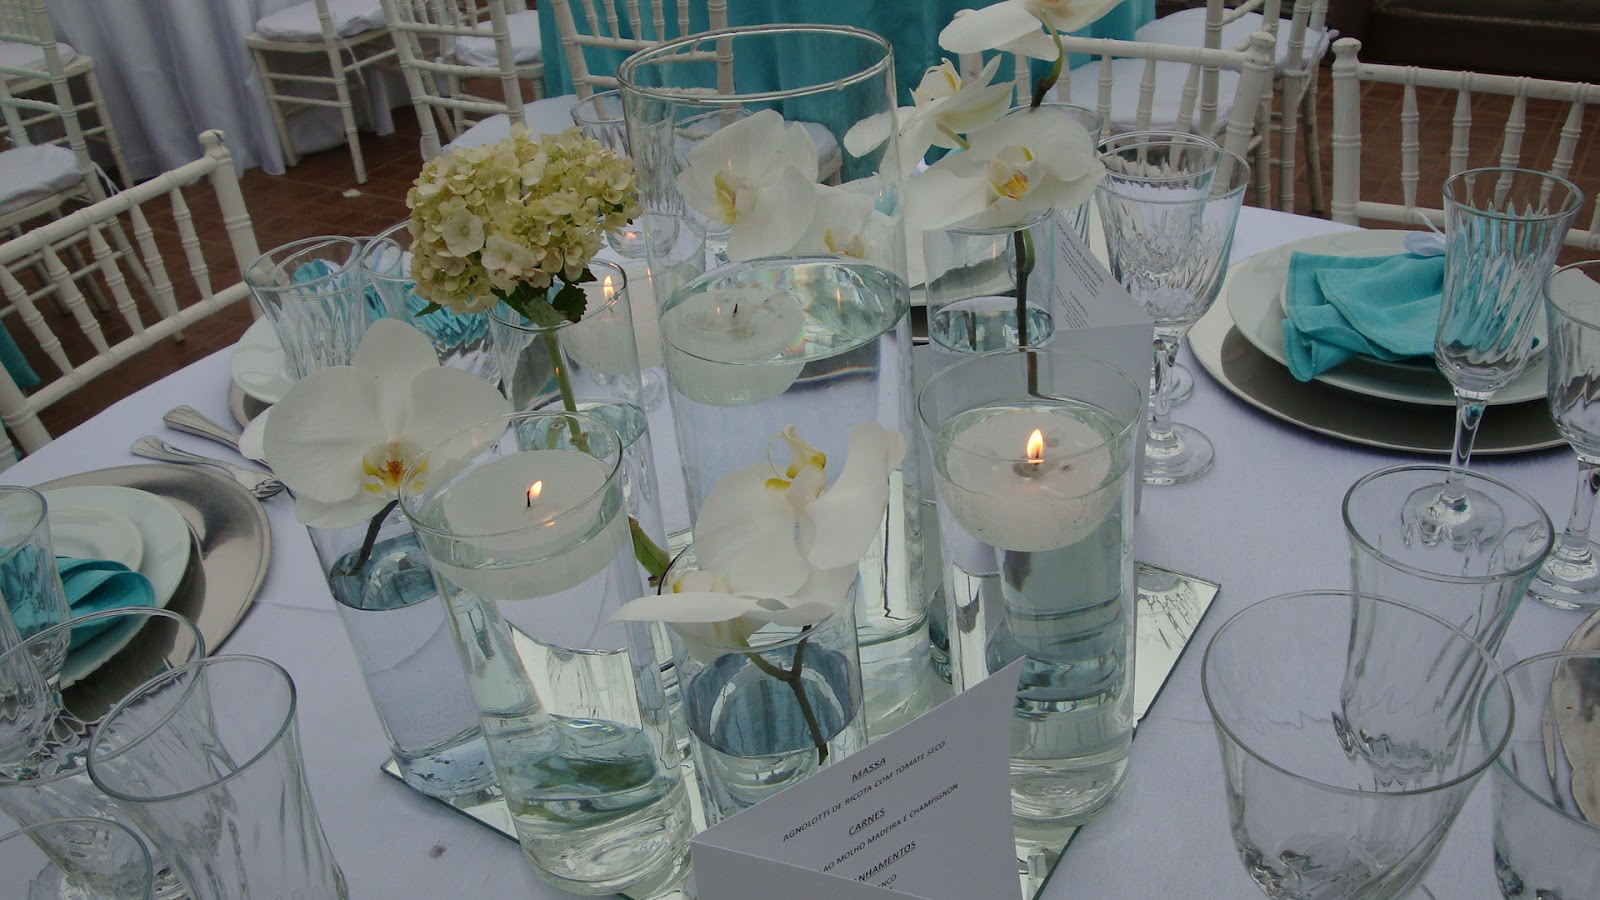 decoracao casamento hortencias azuisArranjos em tubos com água